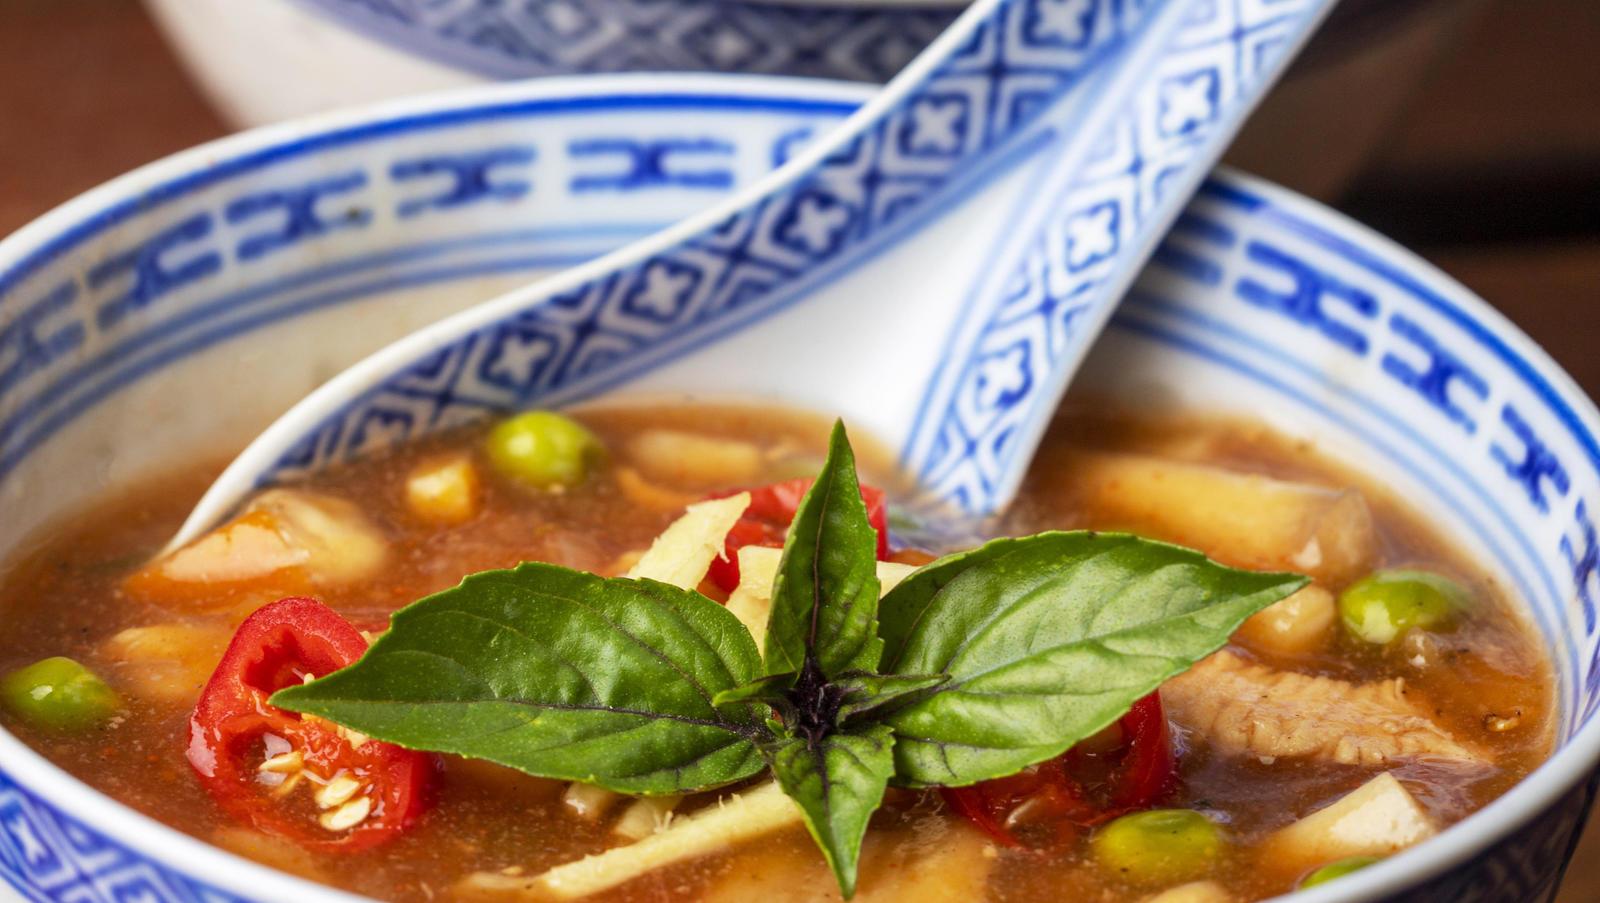 herzhaft-scharf-und-auch-noch-gesund-diese-suppe-ist-etwas-fur-den-geschmacksgaumen-und-das-immunsystem